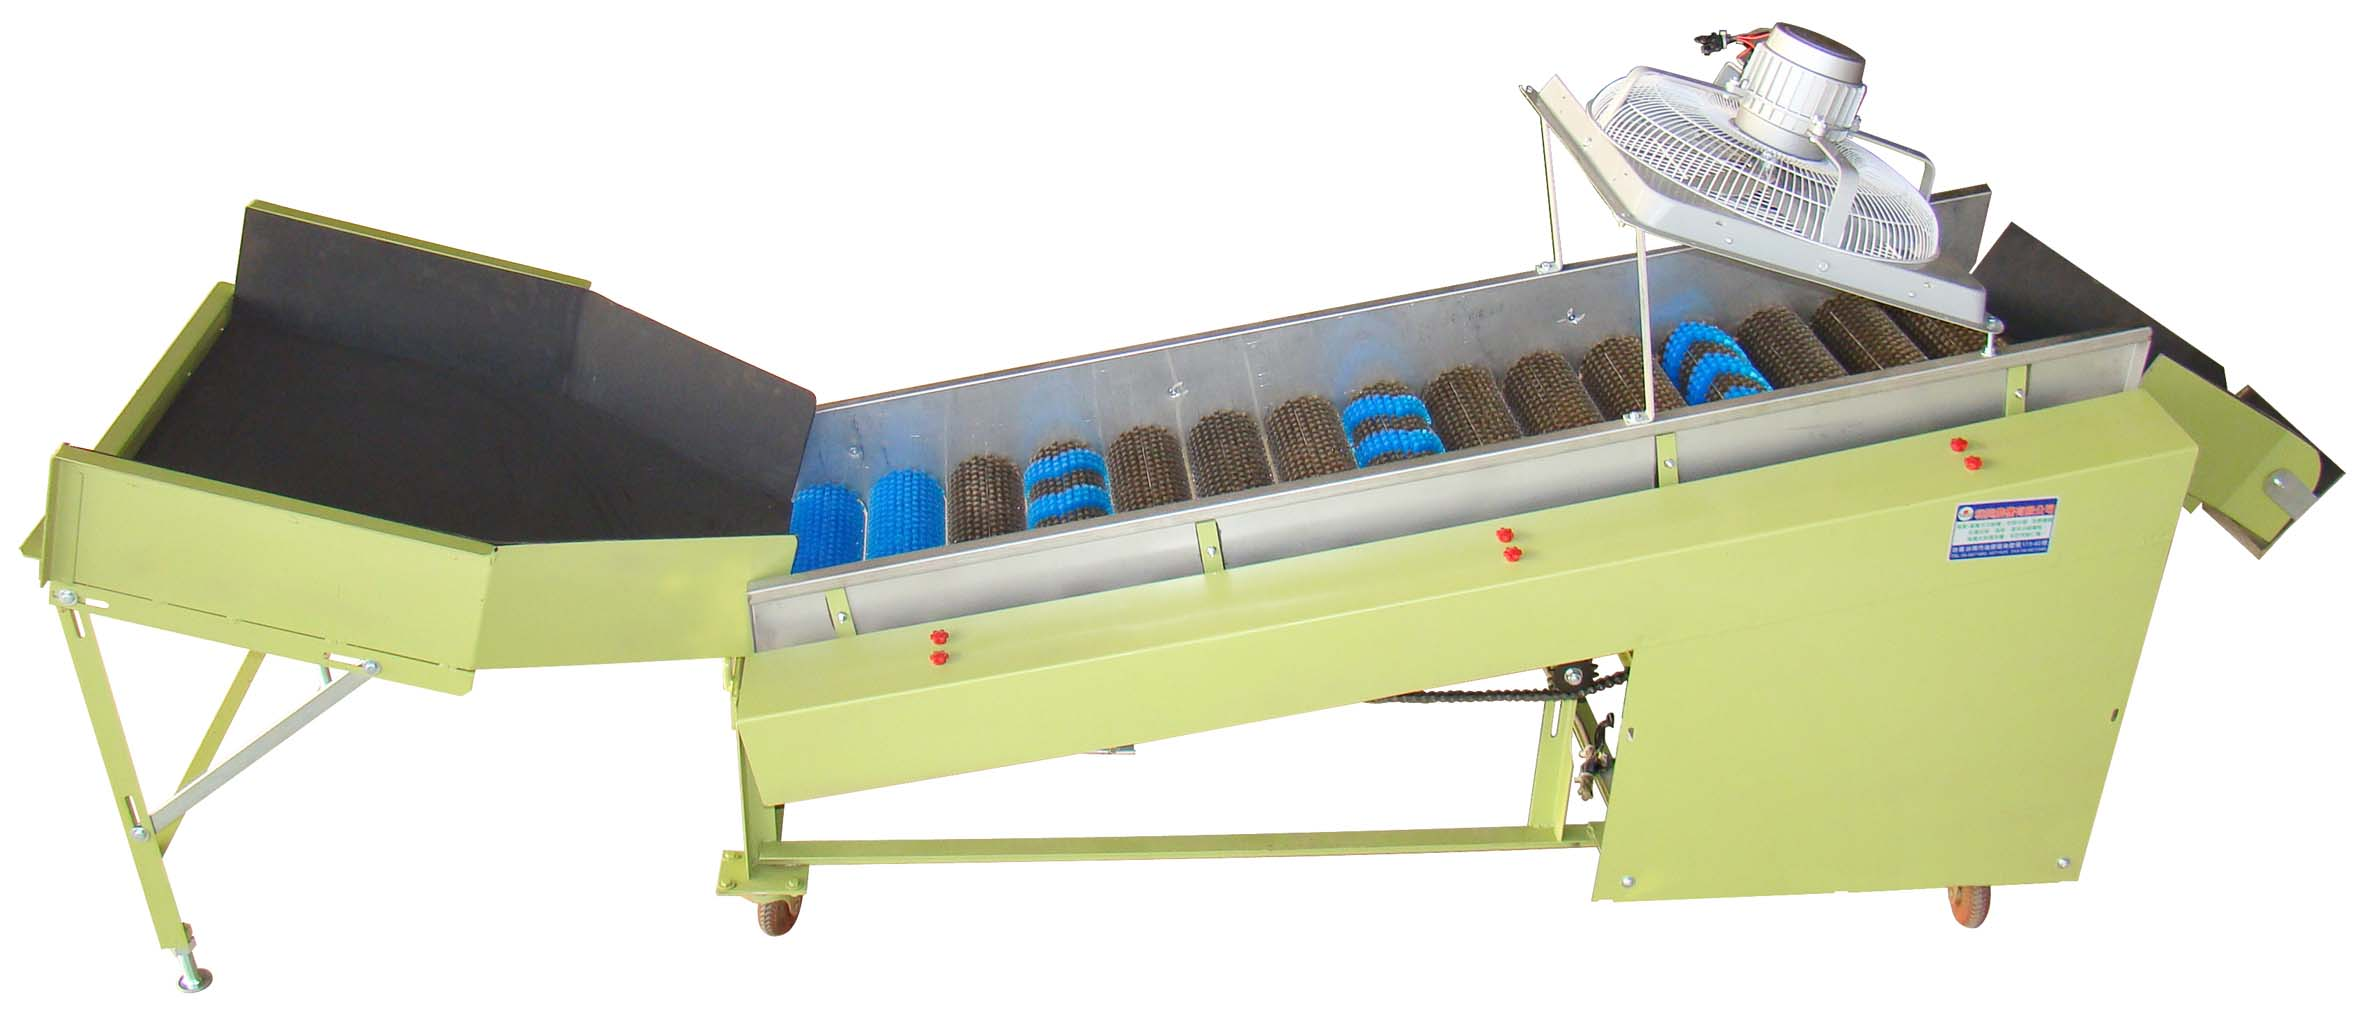 CL-7A 嘉南牌階梯式滾柱毛刷清洗機